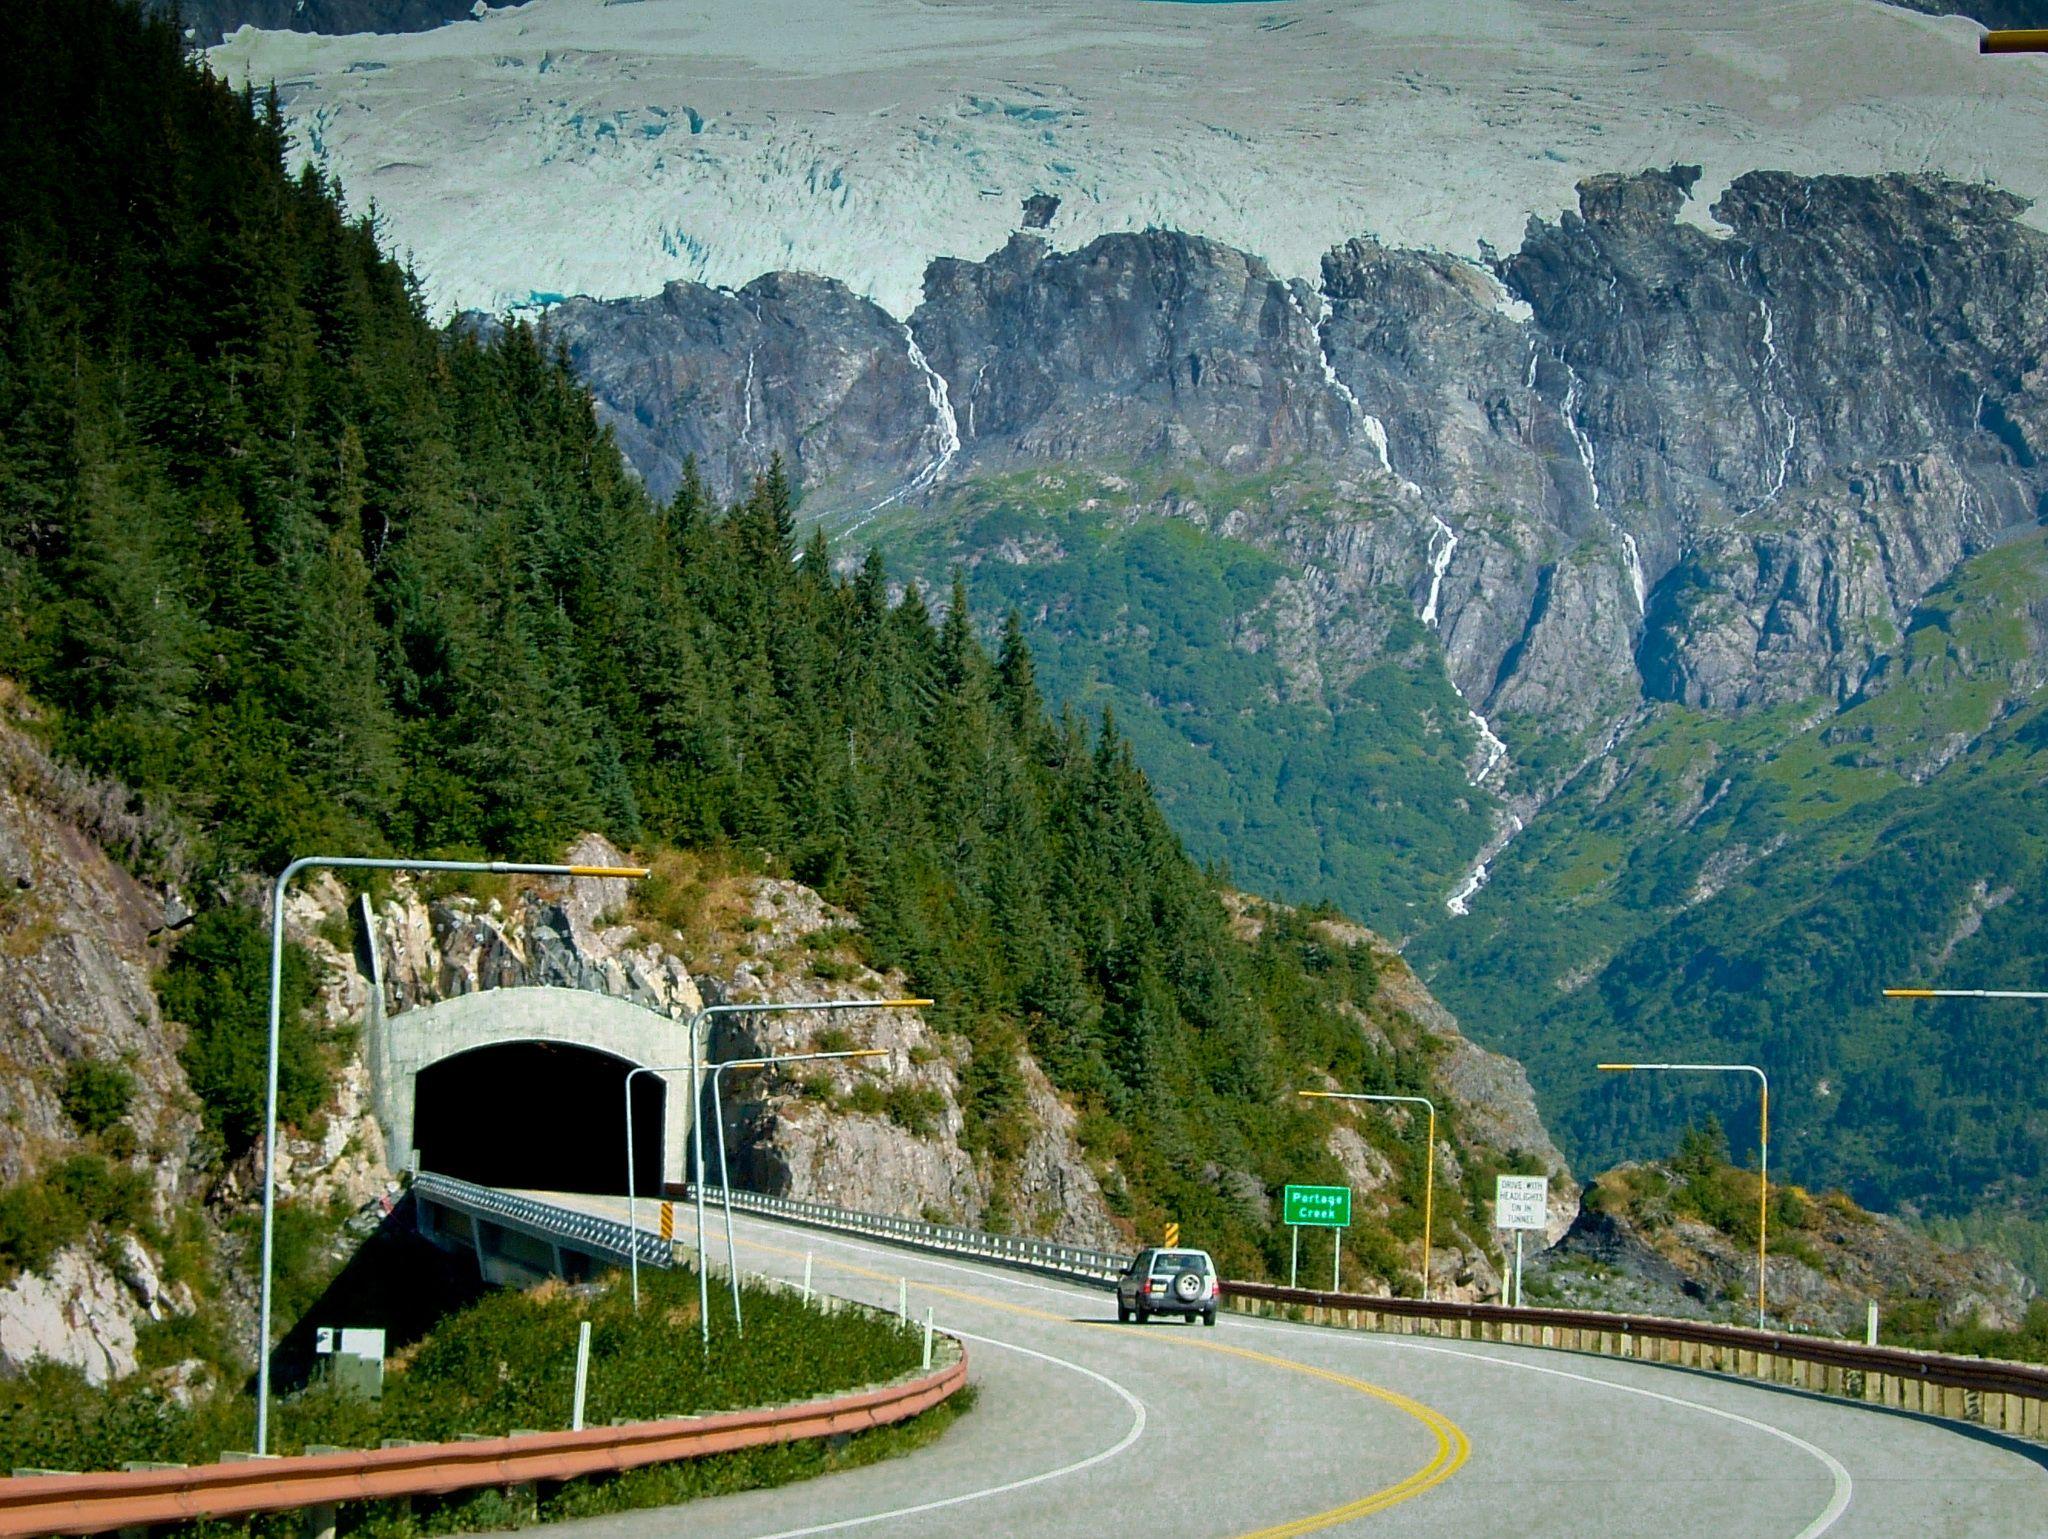 Alaska Major Cities Map%0A Best     Whittier tunnel ideas on Pinterest   Denali national park tours   Alaskan vacations and Alaska adventures